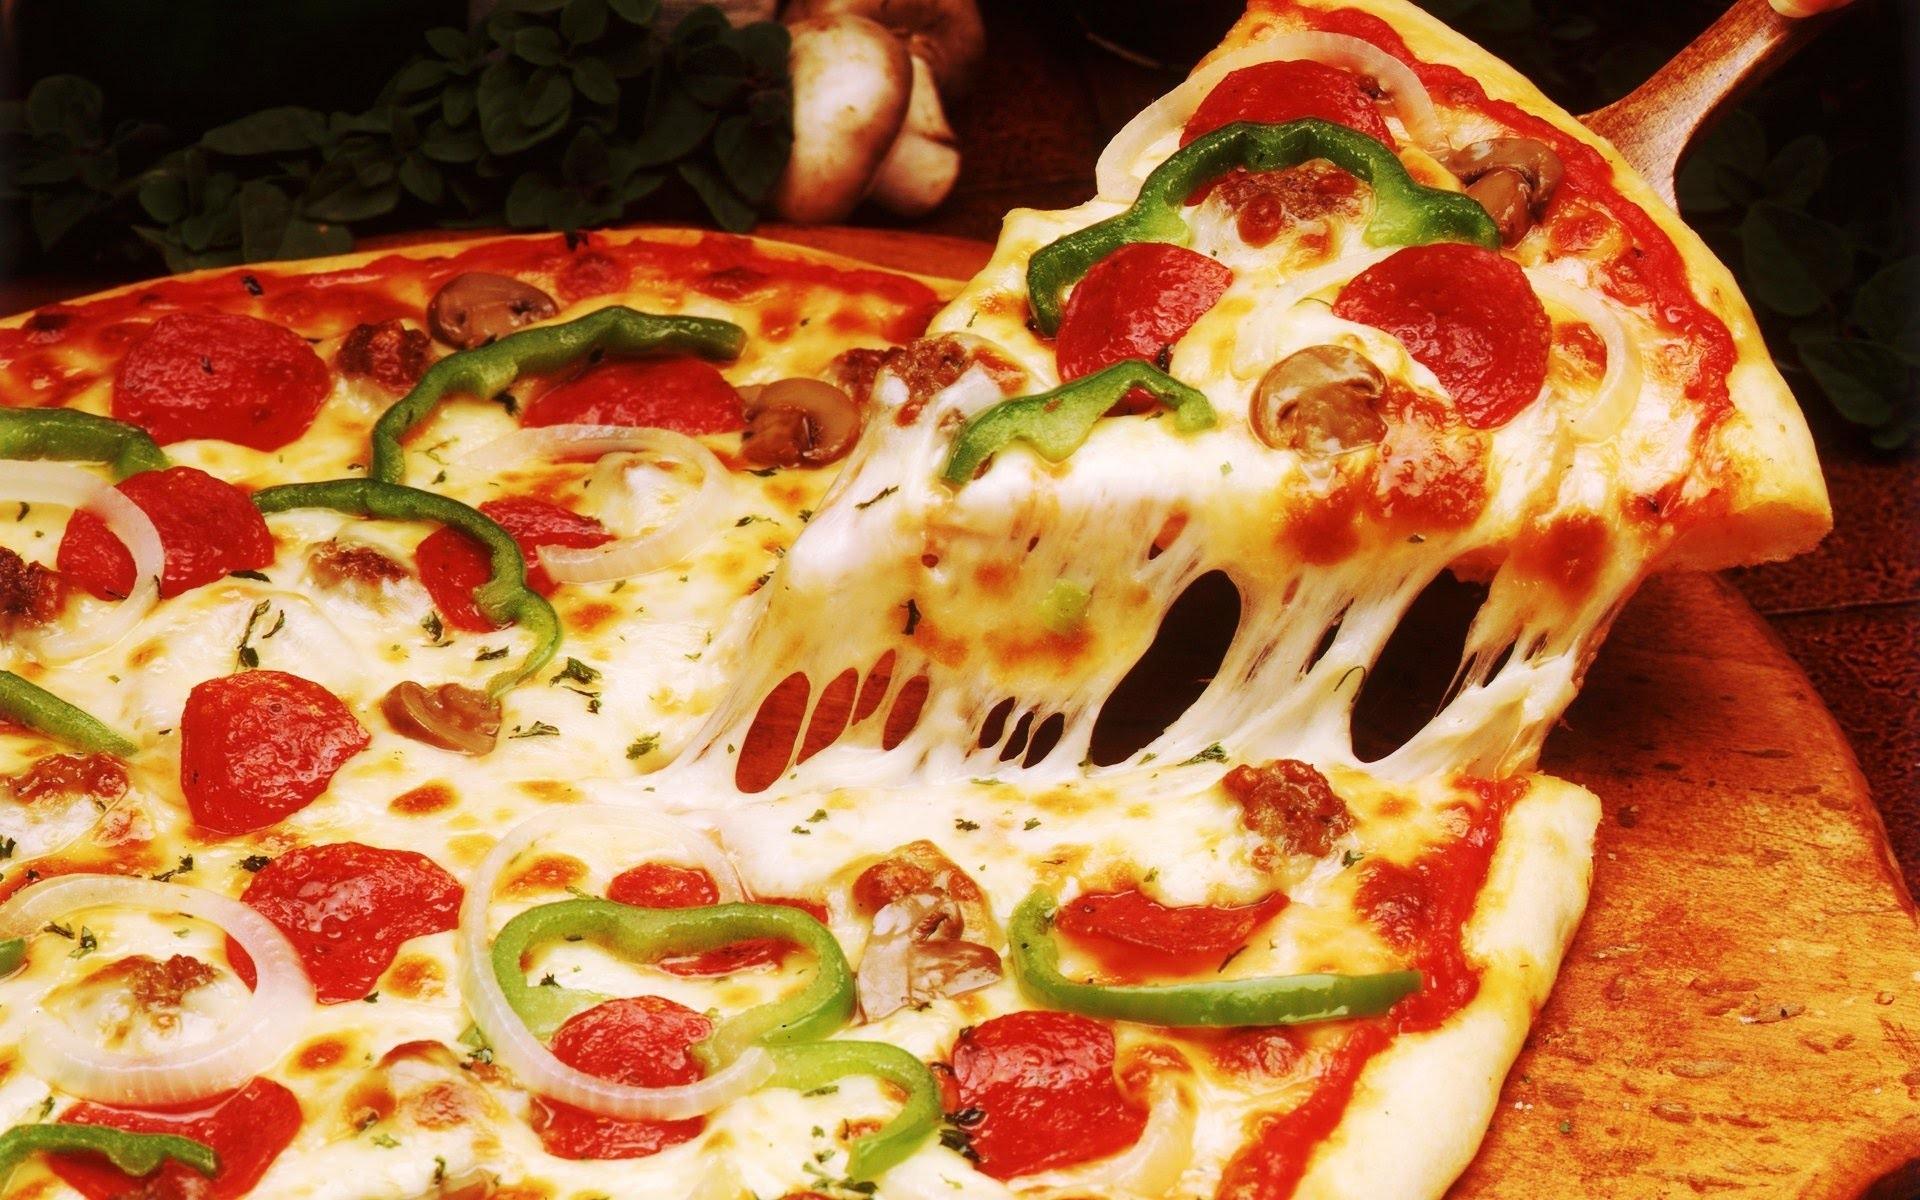 Nuova validita'! 2 Pizze a scelta da menu, 2 birre piccole chiare o bevande, 1 bottiglia d'acqua, 2 dolci della casa, caffè e coperti inclusi... nell'incantevole locale Habanero nel cuore di Albaro!